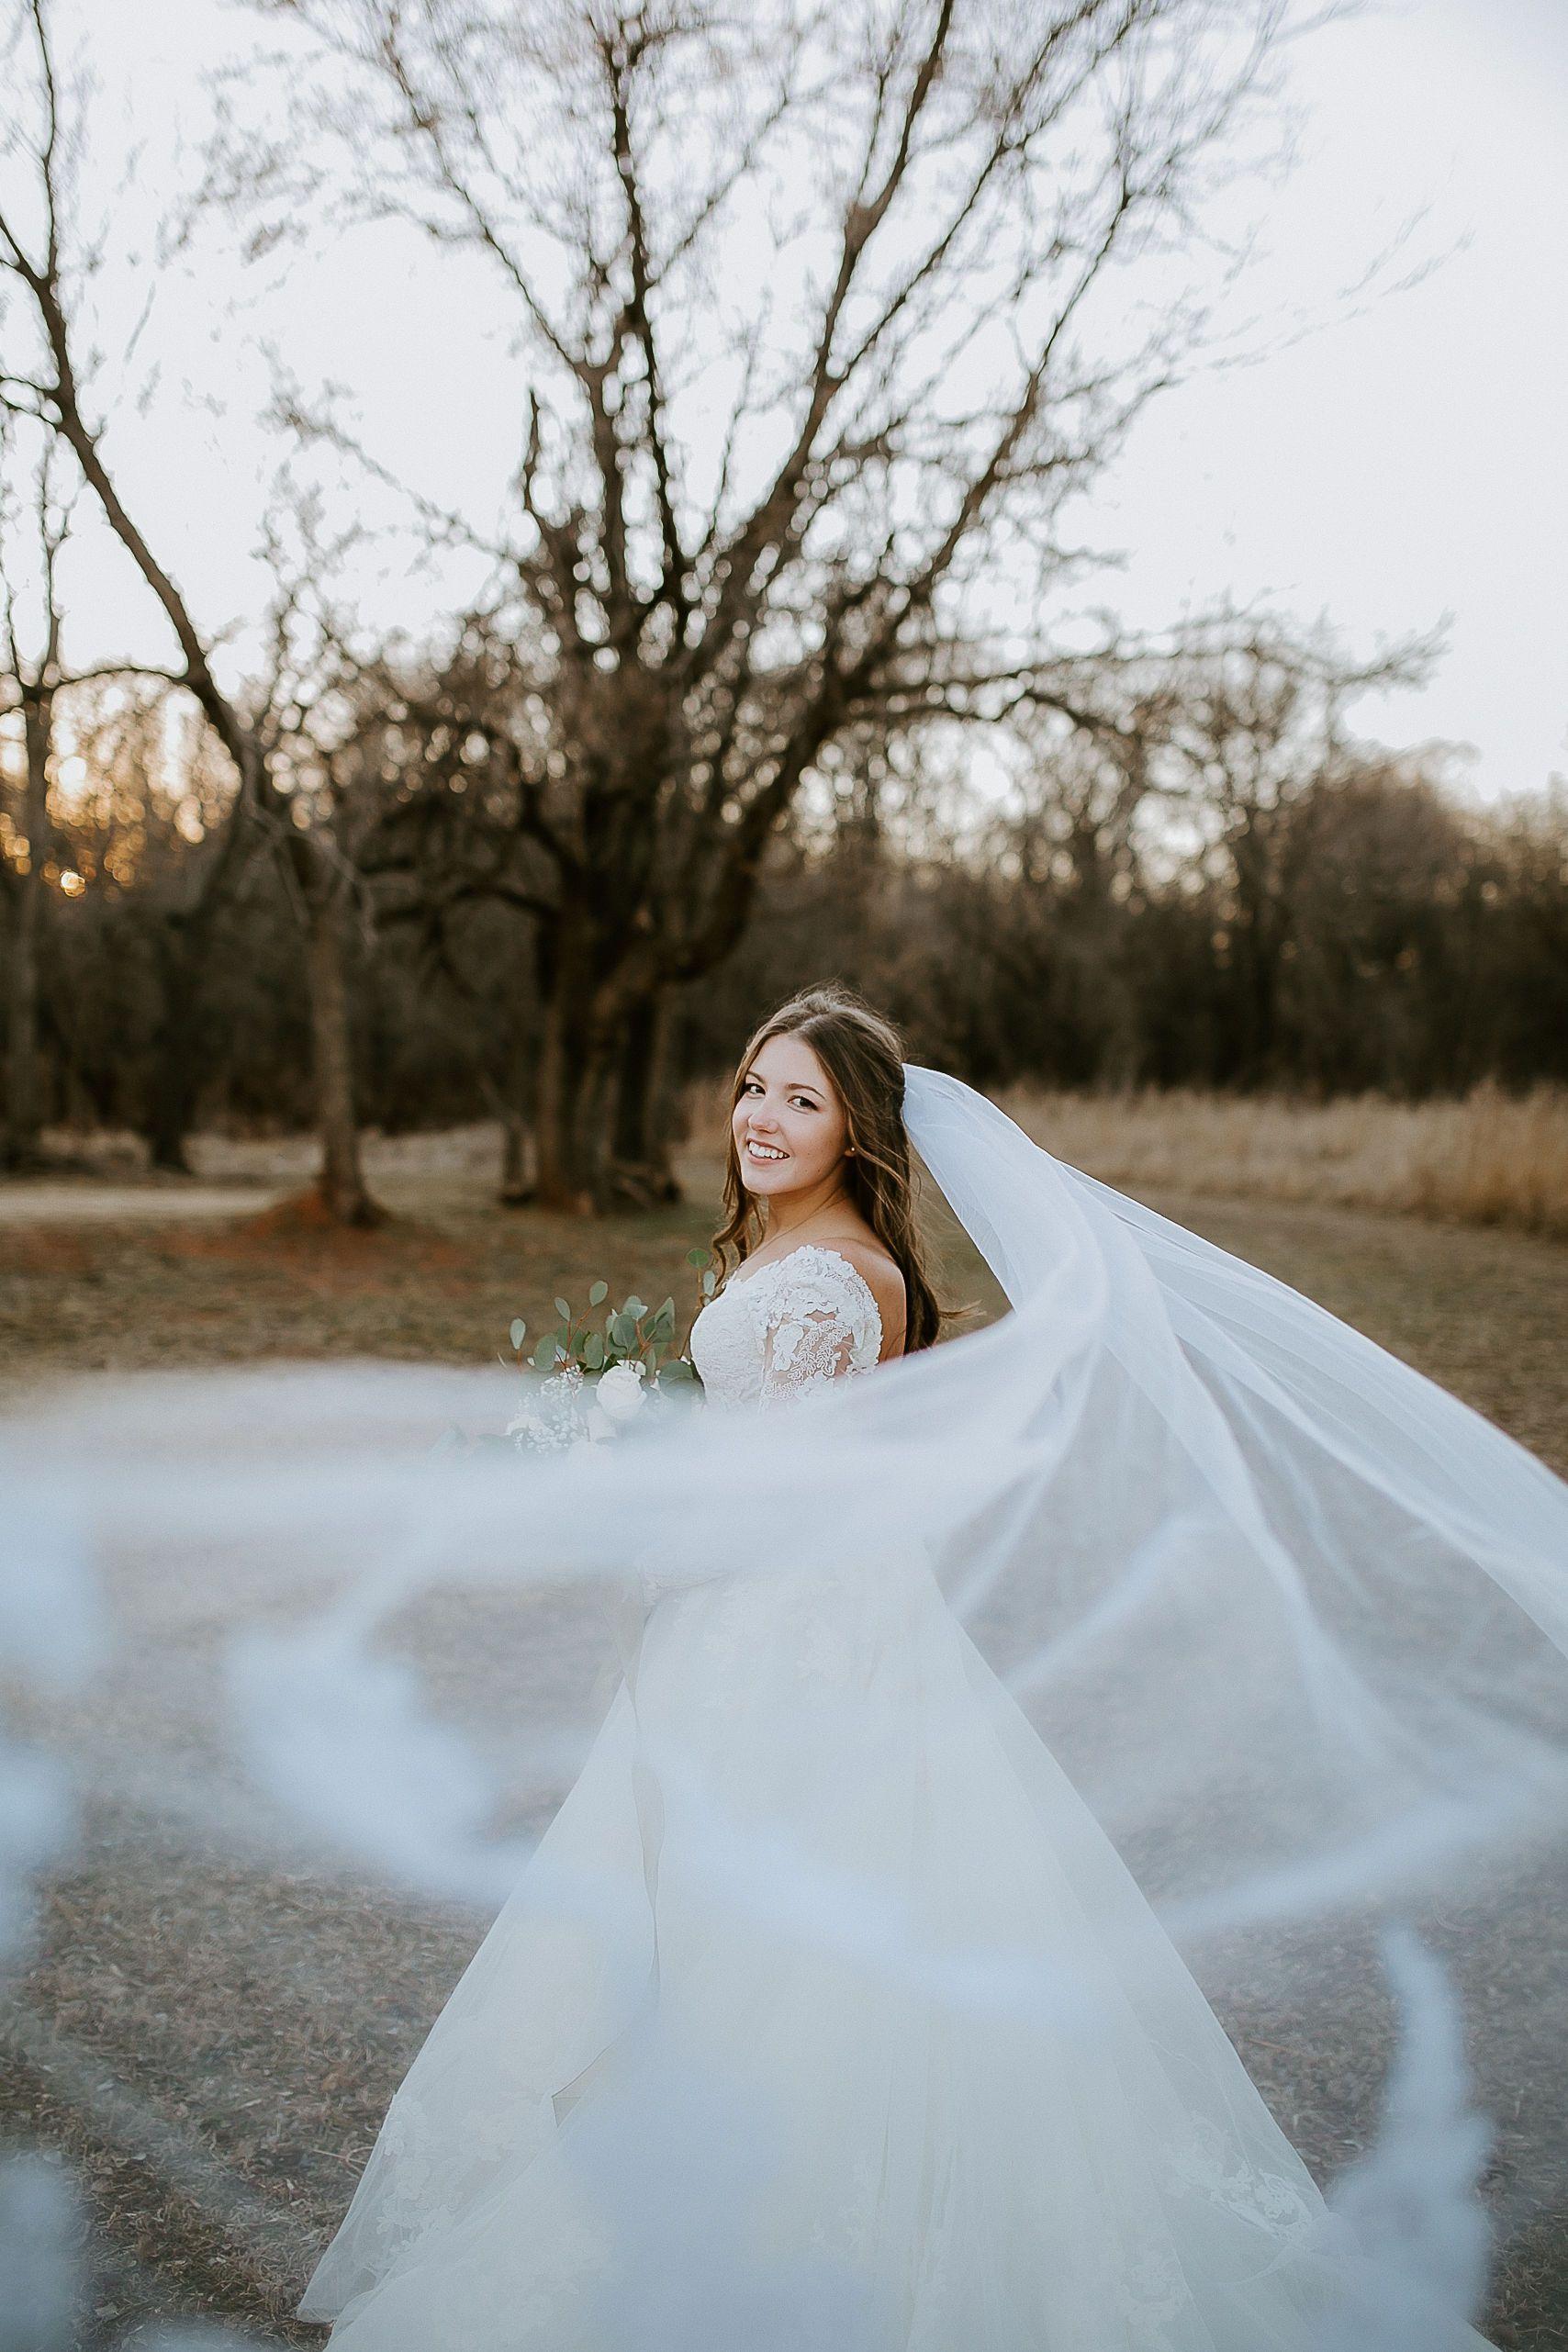 Norman Wedding Venue Springs Venue in 2020 Oklahoma